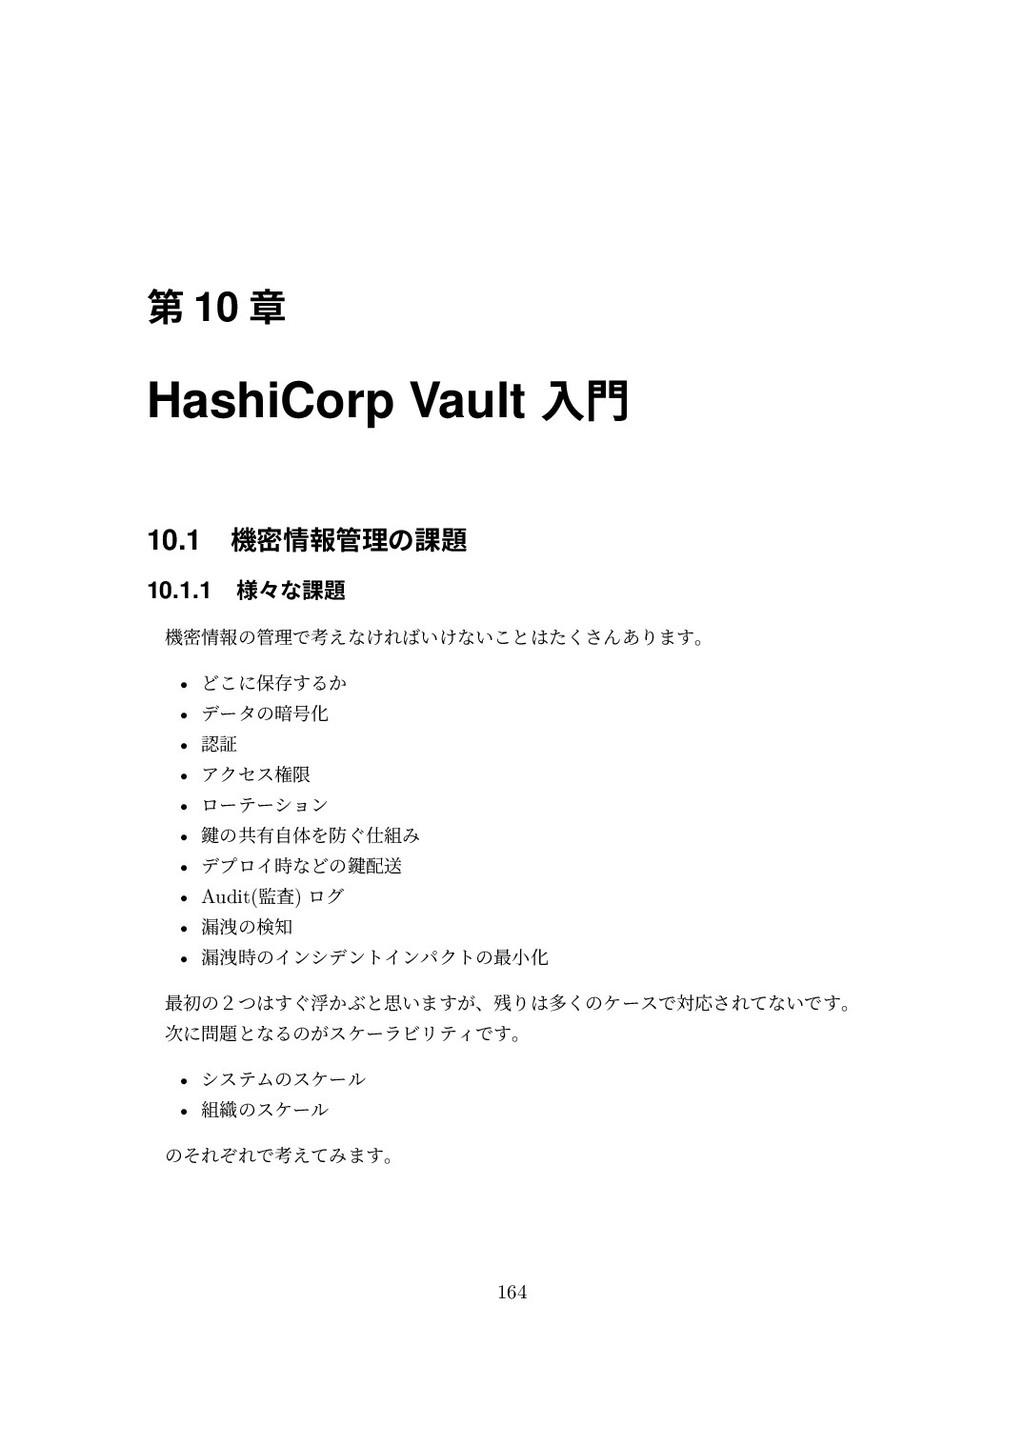 瑬 10 珕 HashiCorp Vault ⪌ꝛ 10.1 嚀㳡䗯㕔畘杼ס鐐갭 10.1.1...